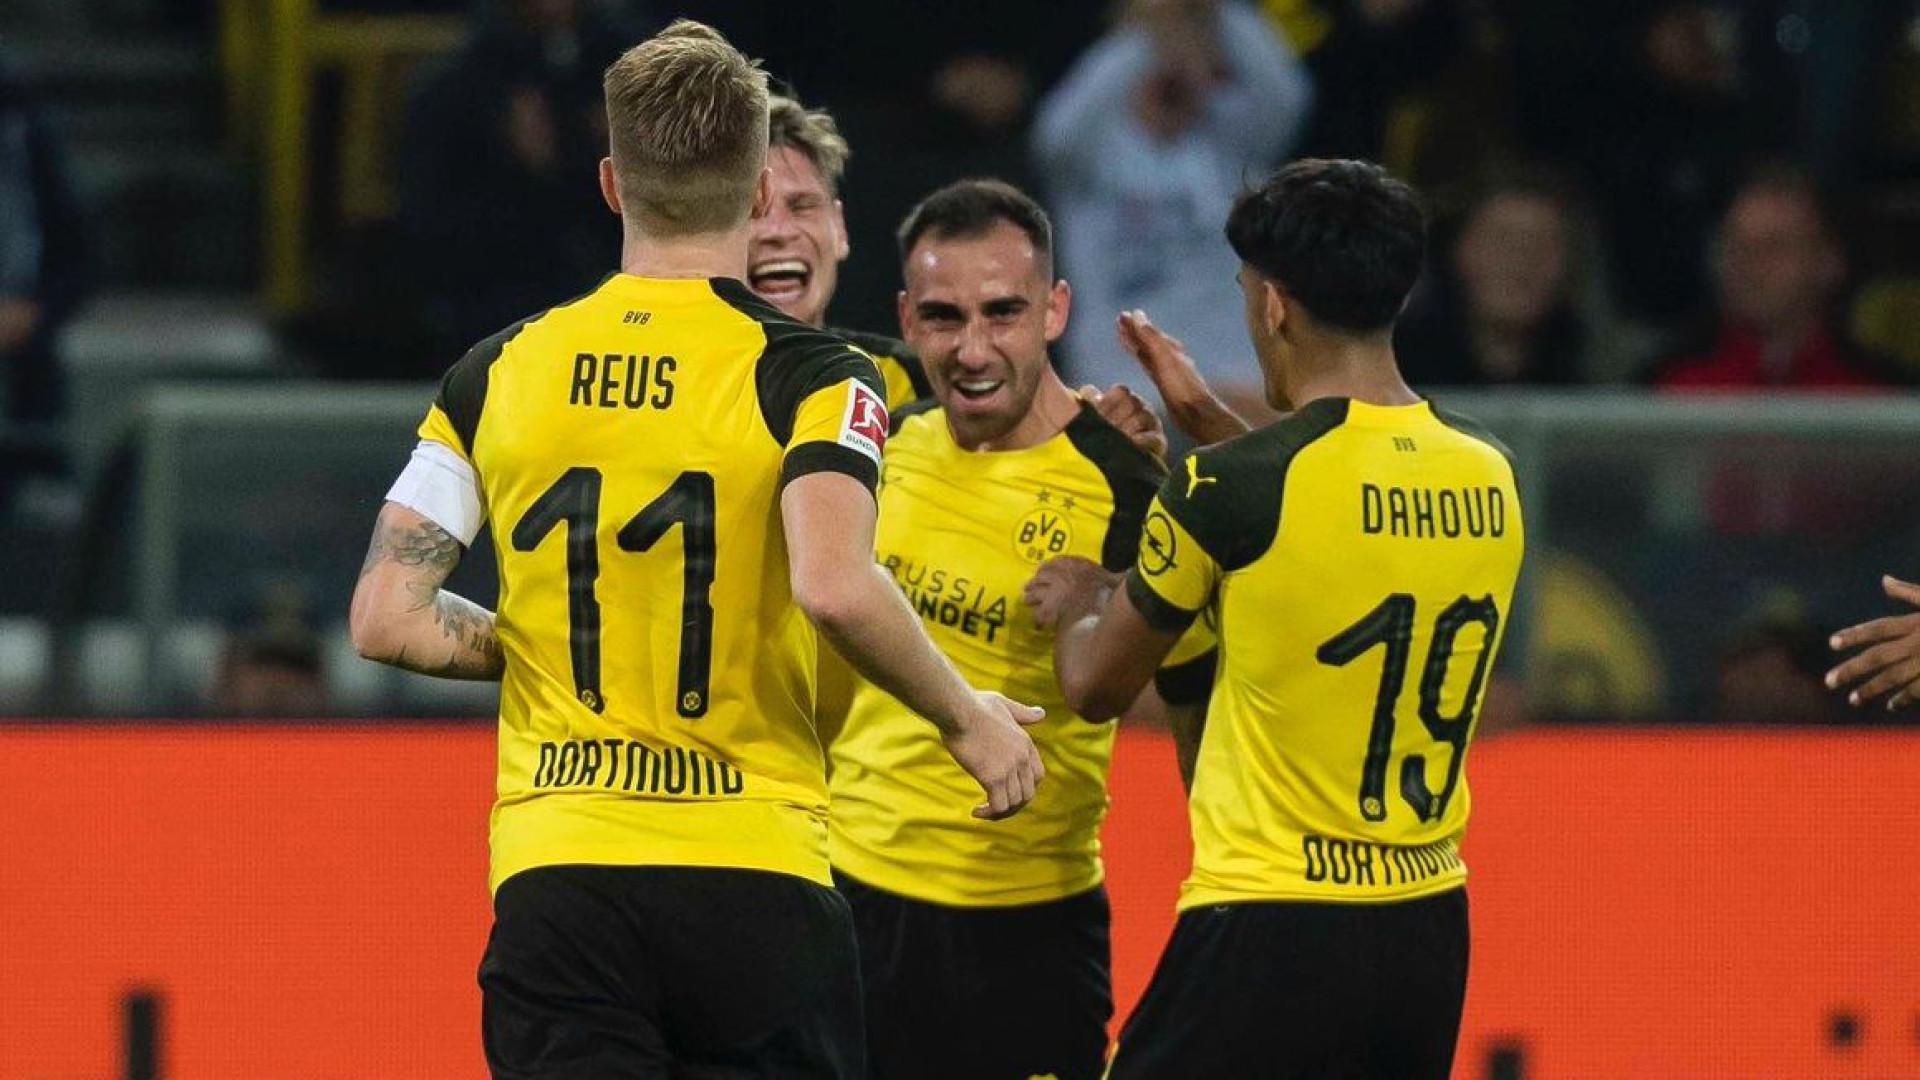 Borussia Dortmund vence e é líder provisório da Liga alemã